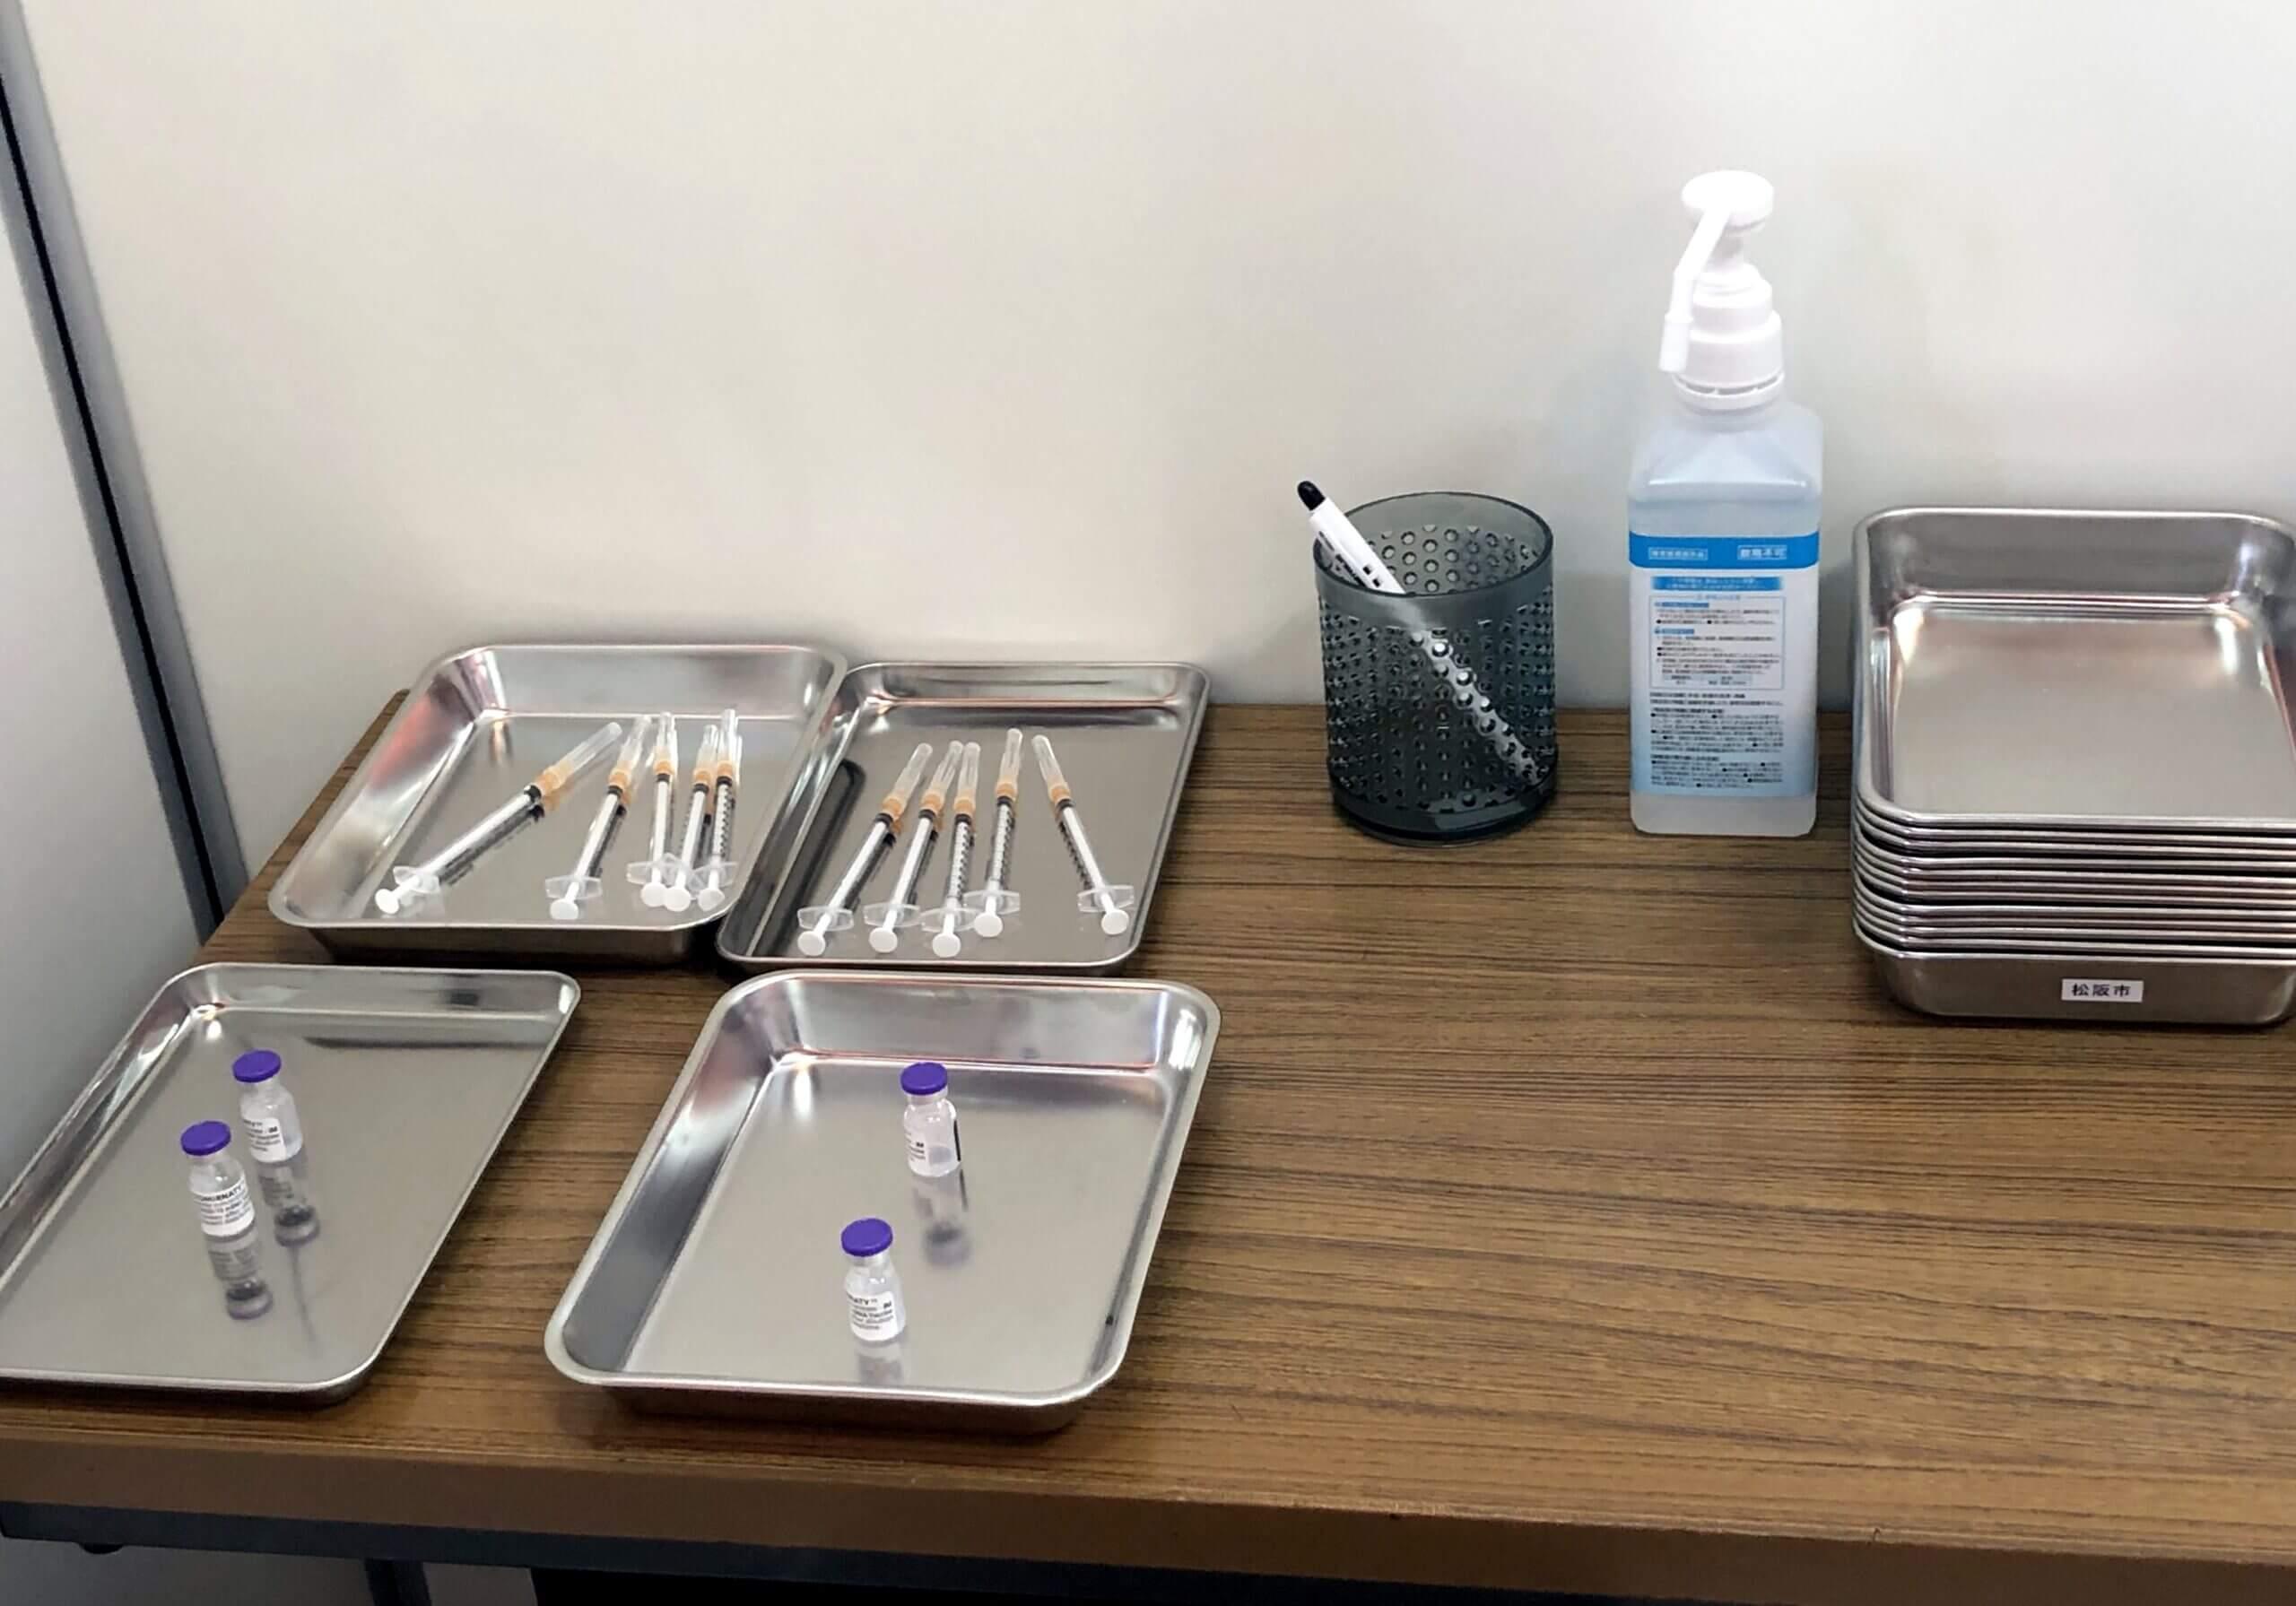 新型コロナウイルスワクチンの集団接種が開始しました